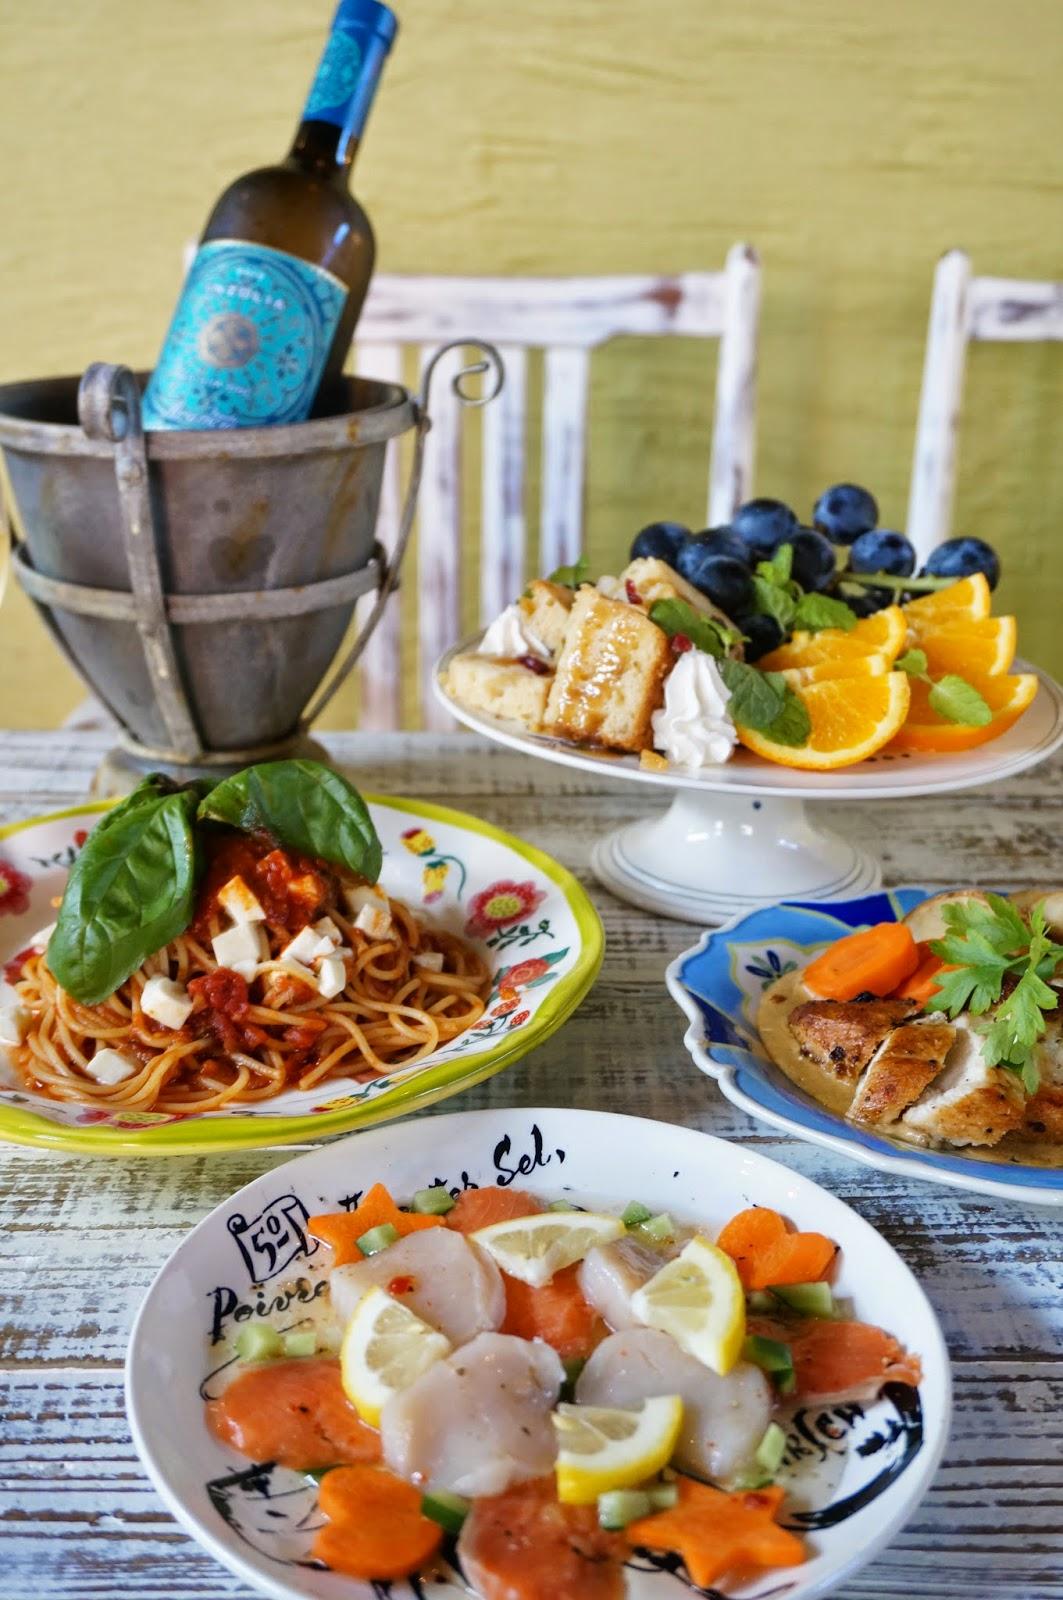 金沢 パーティー 飲み放題 コース料理 カフェ & バー ミクカ cafe & bar micka